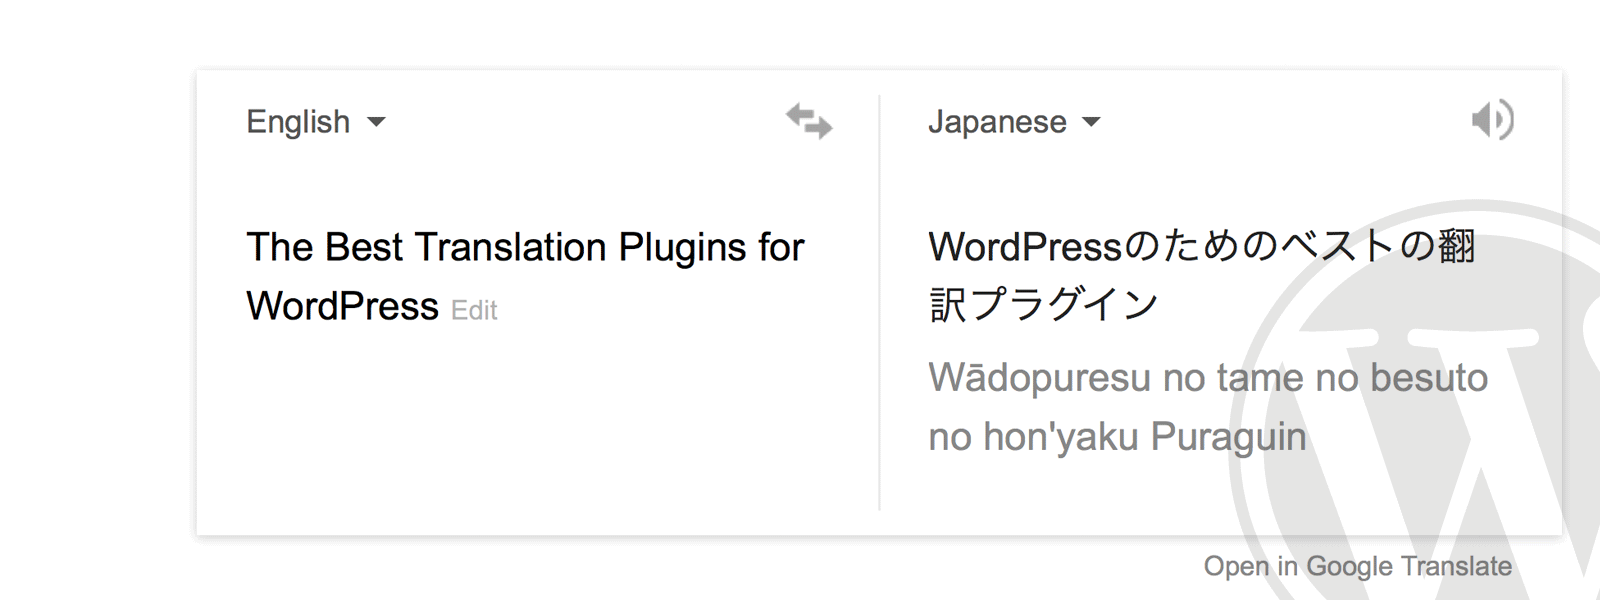 Bảy plugin đa ngôn ngữ / dịch thuật tốt nhất cho WordPress (2020) 18